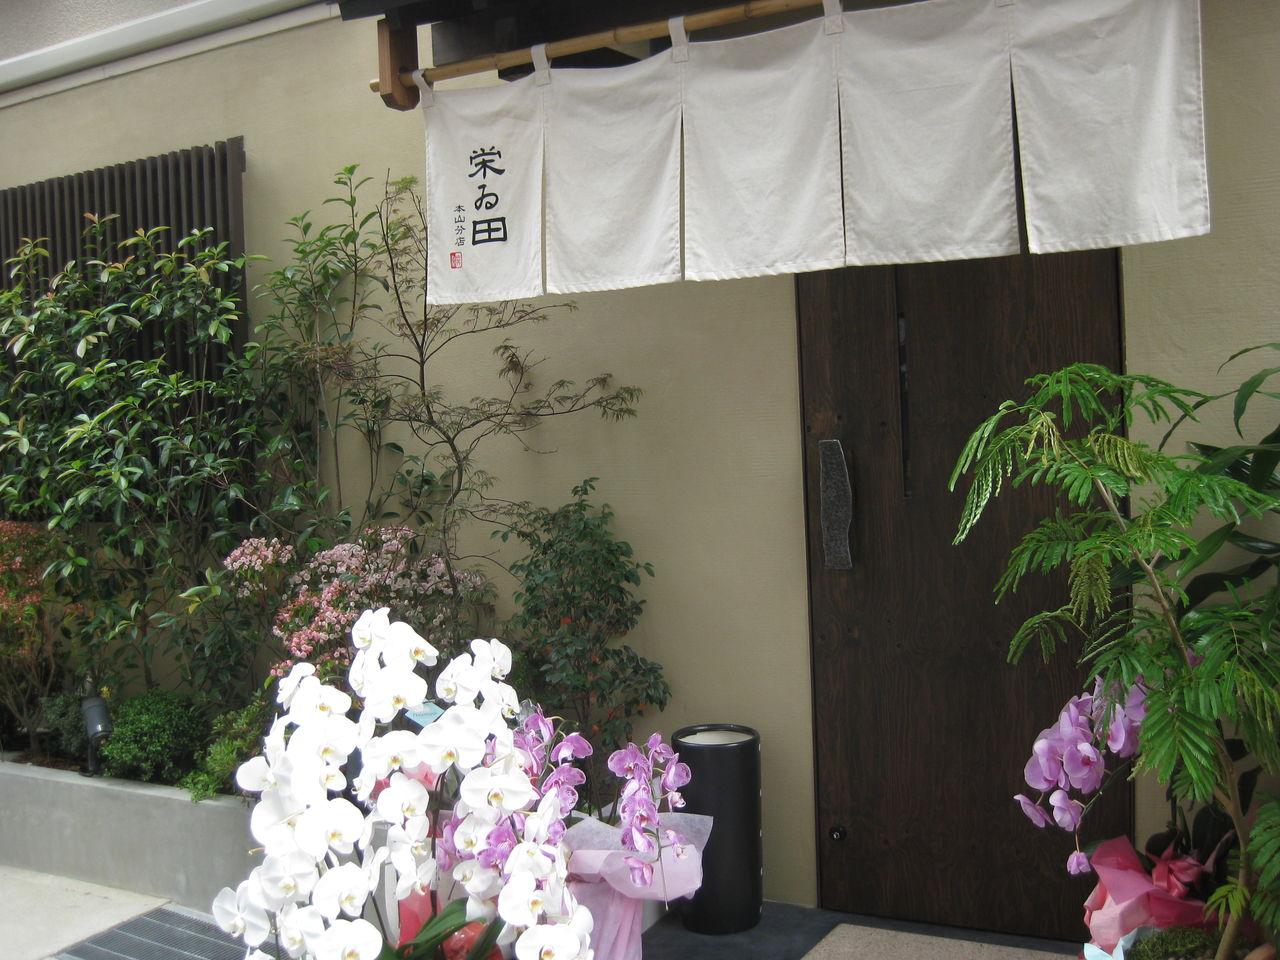 栄ゐ田 本山分店 - 摂津本山 / 和食 - goo地図